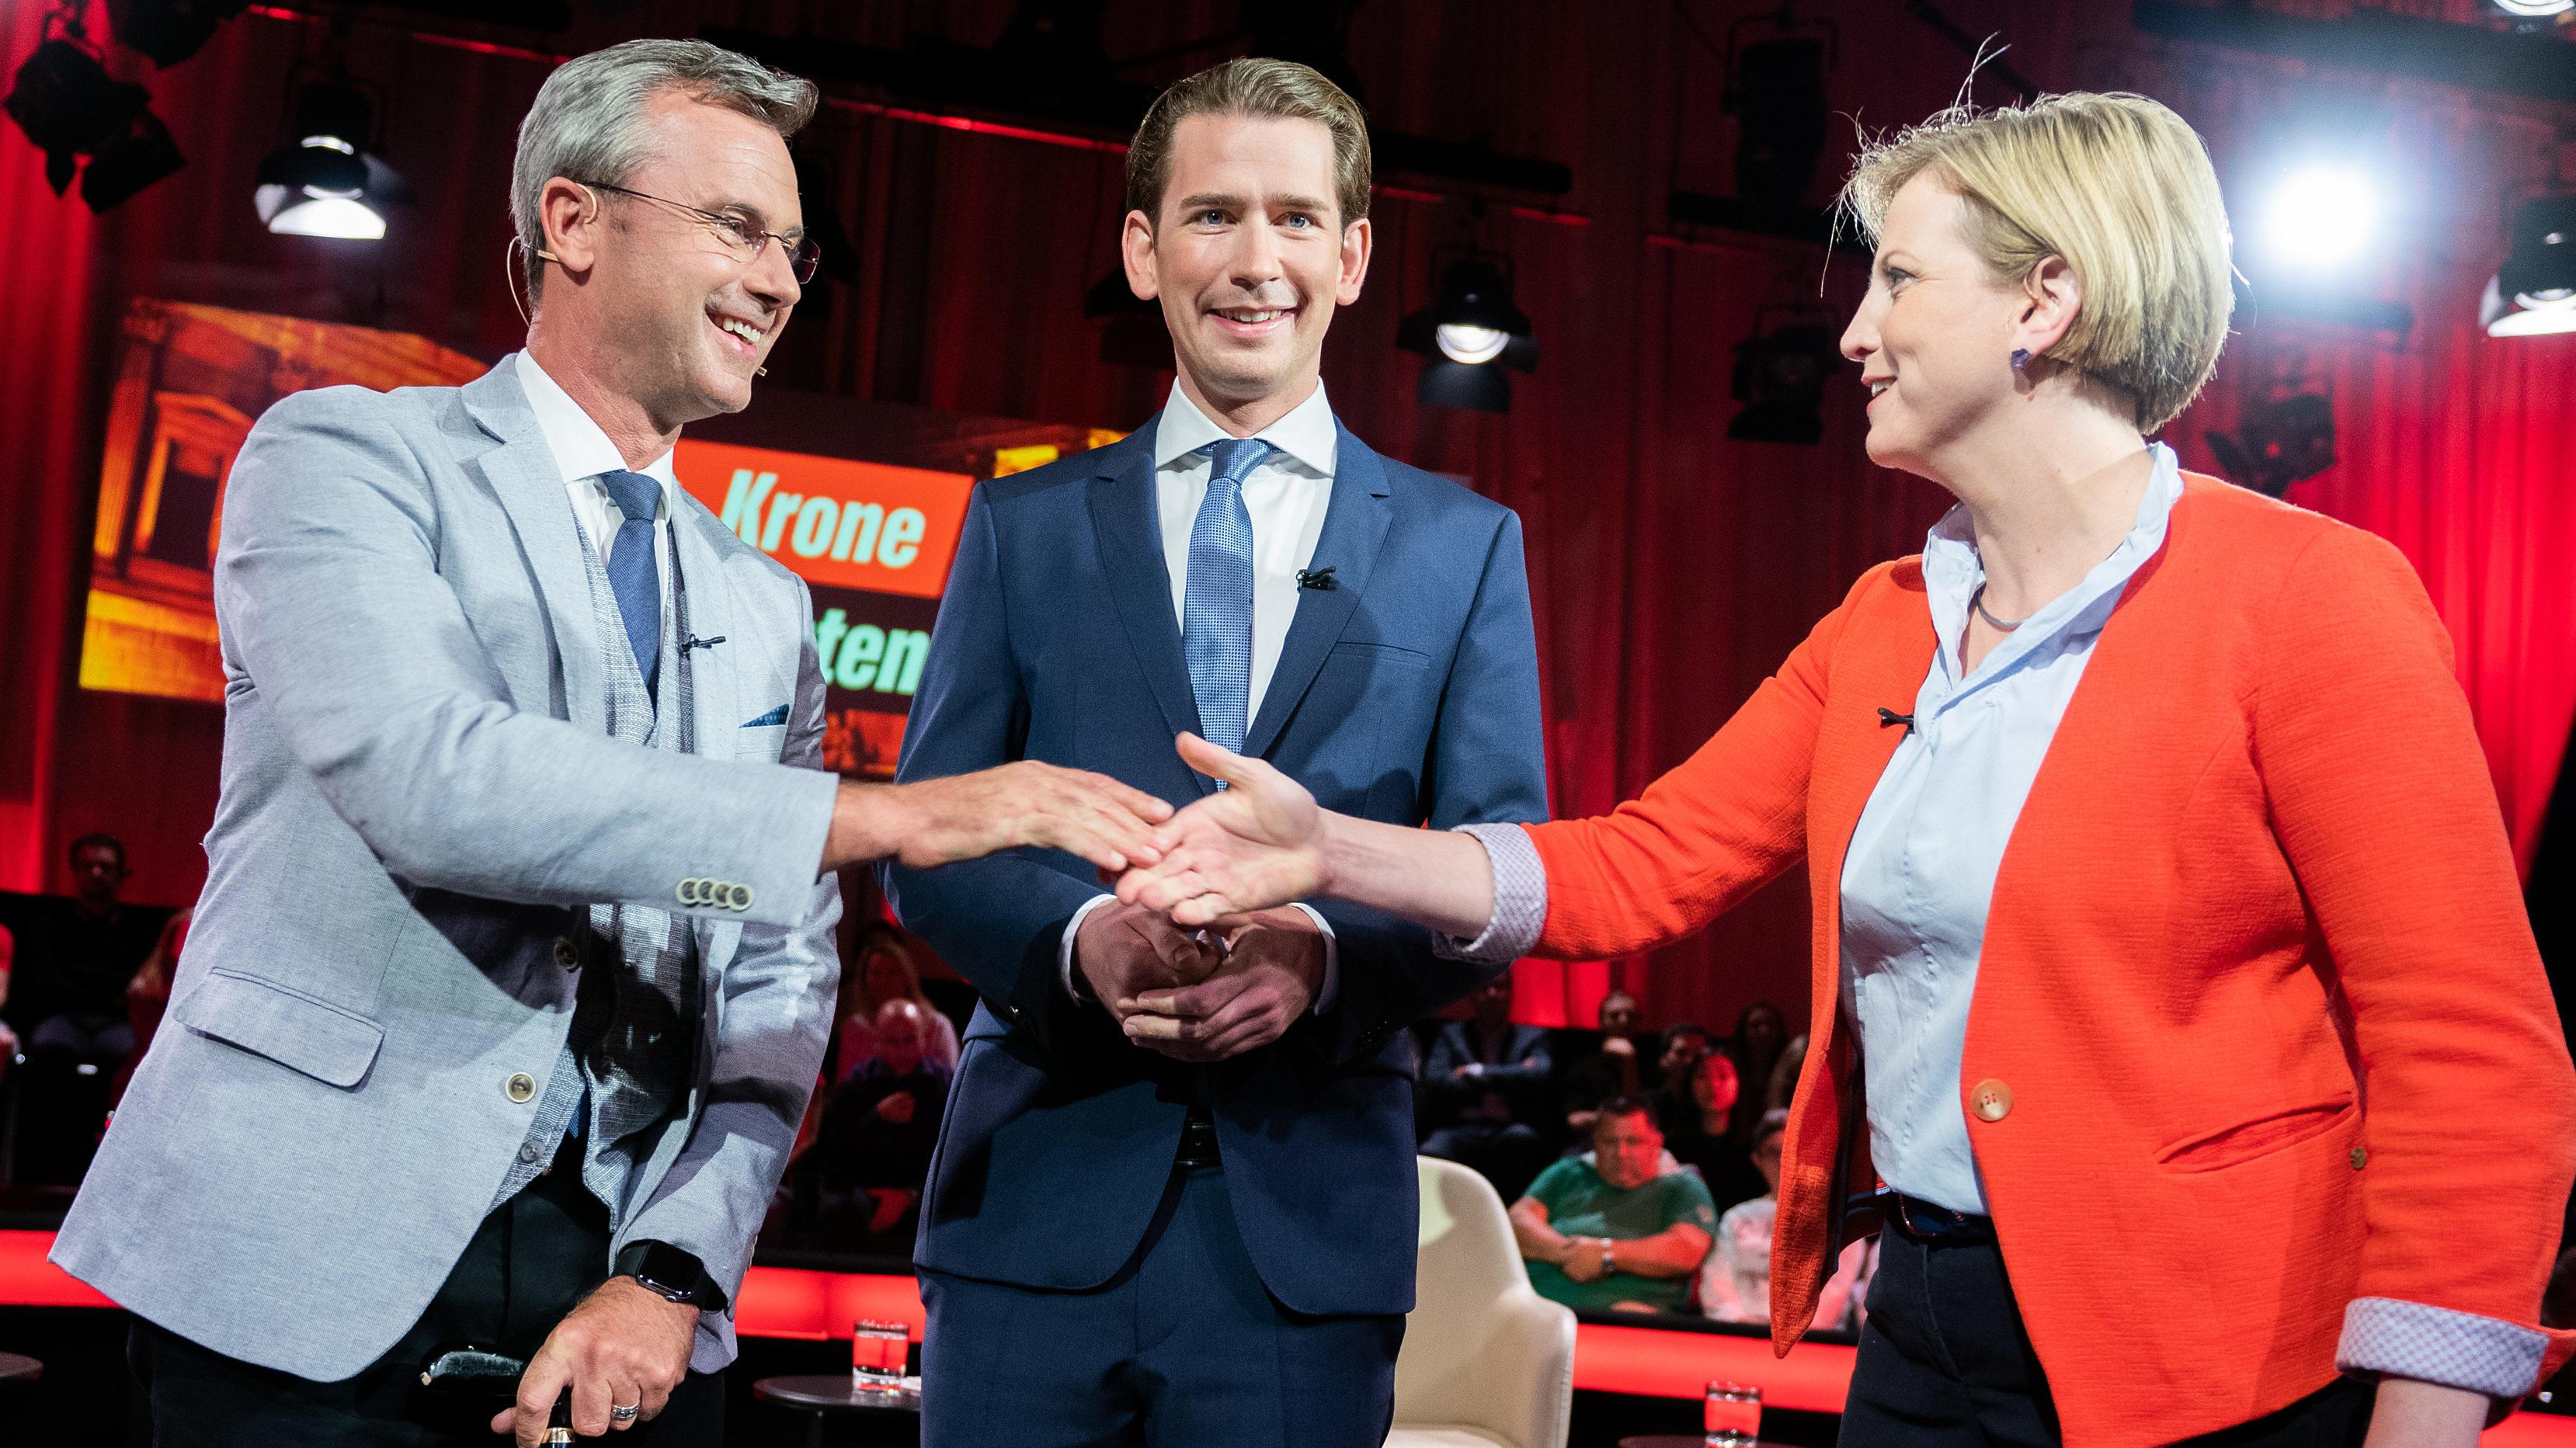 Meinl-Reisinger legte bisher besten Wahlkampf hin